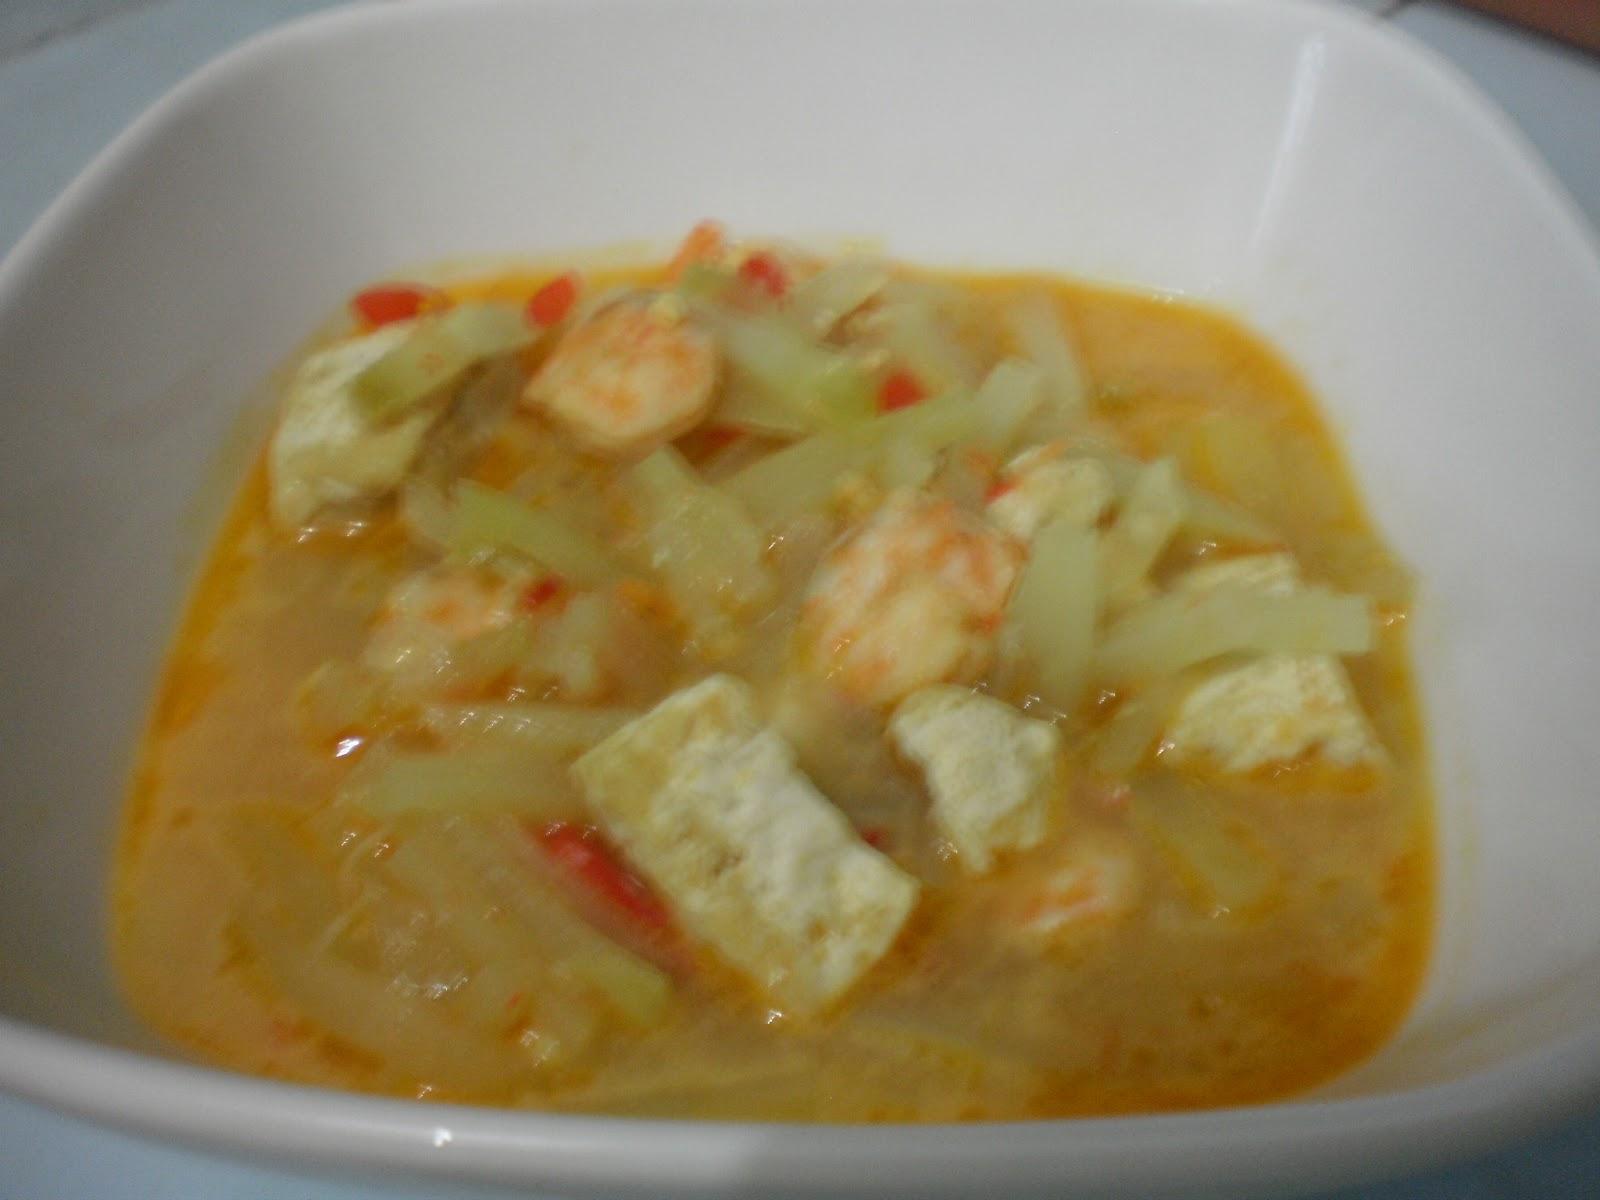 Resep Sayur Labu Siam Dan Udang